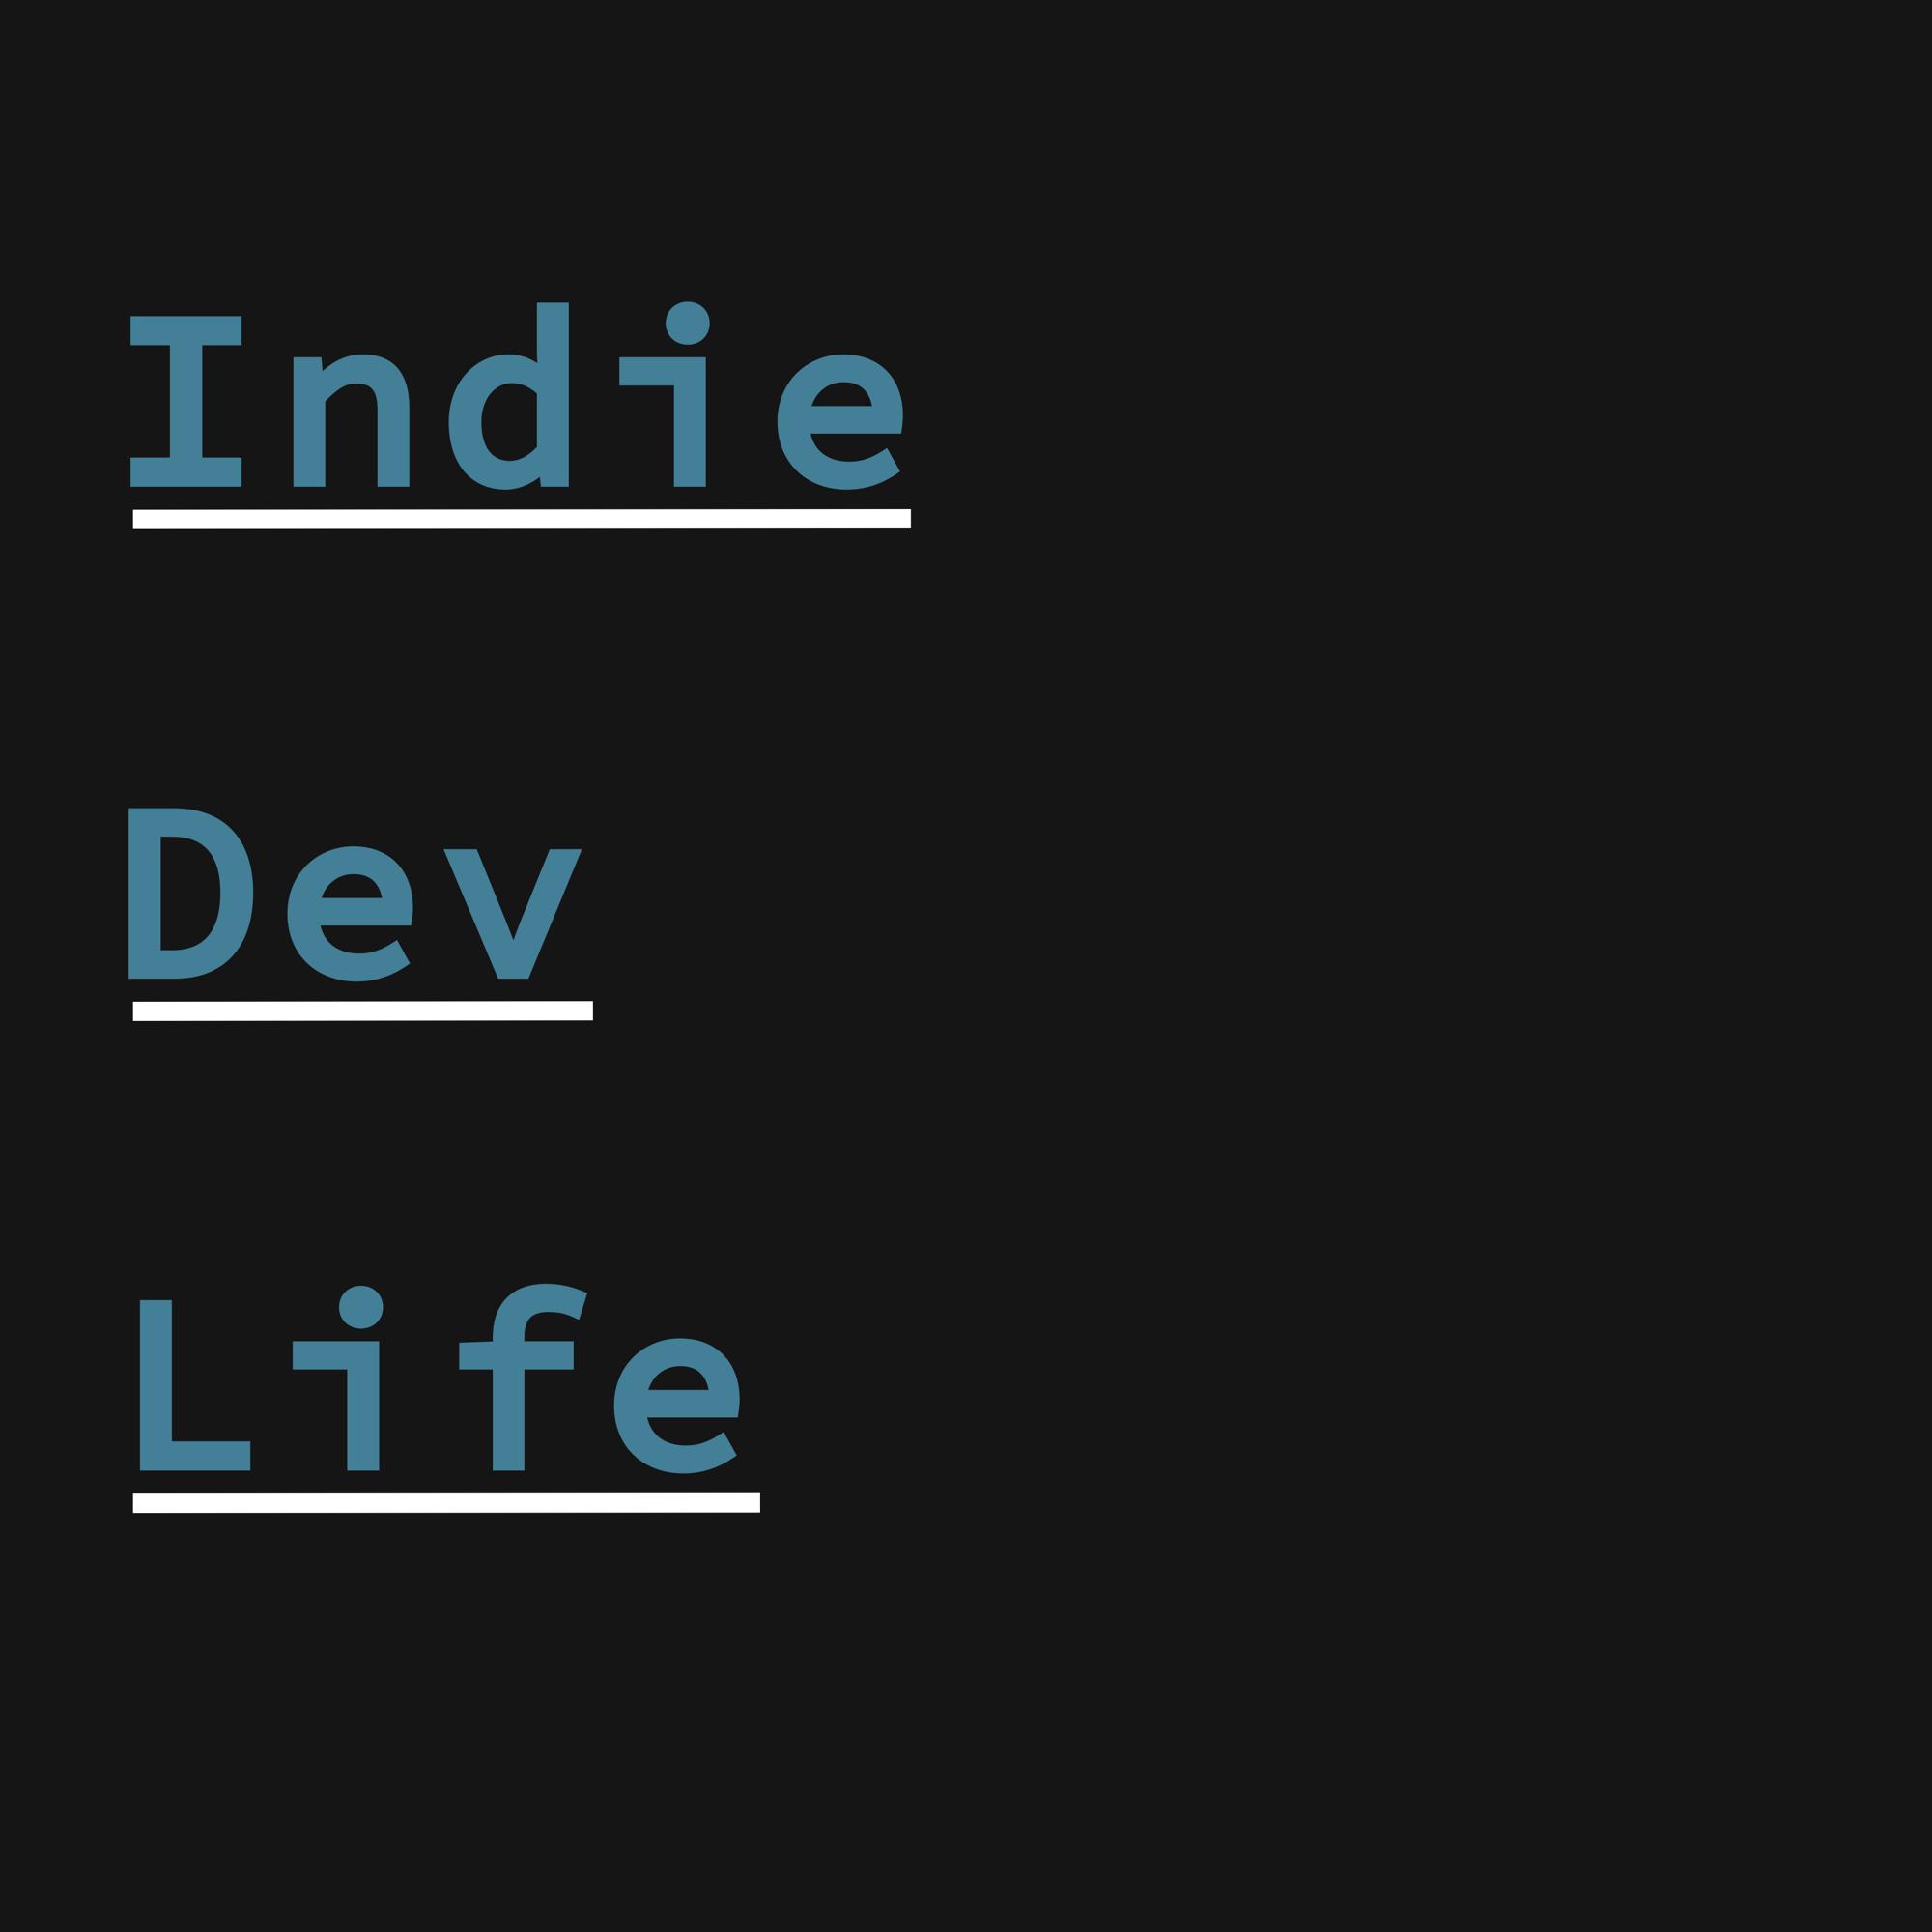 Indie Dev Life